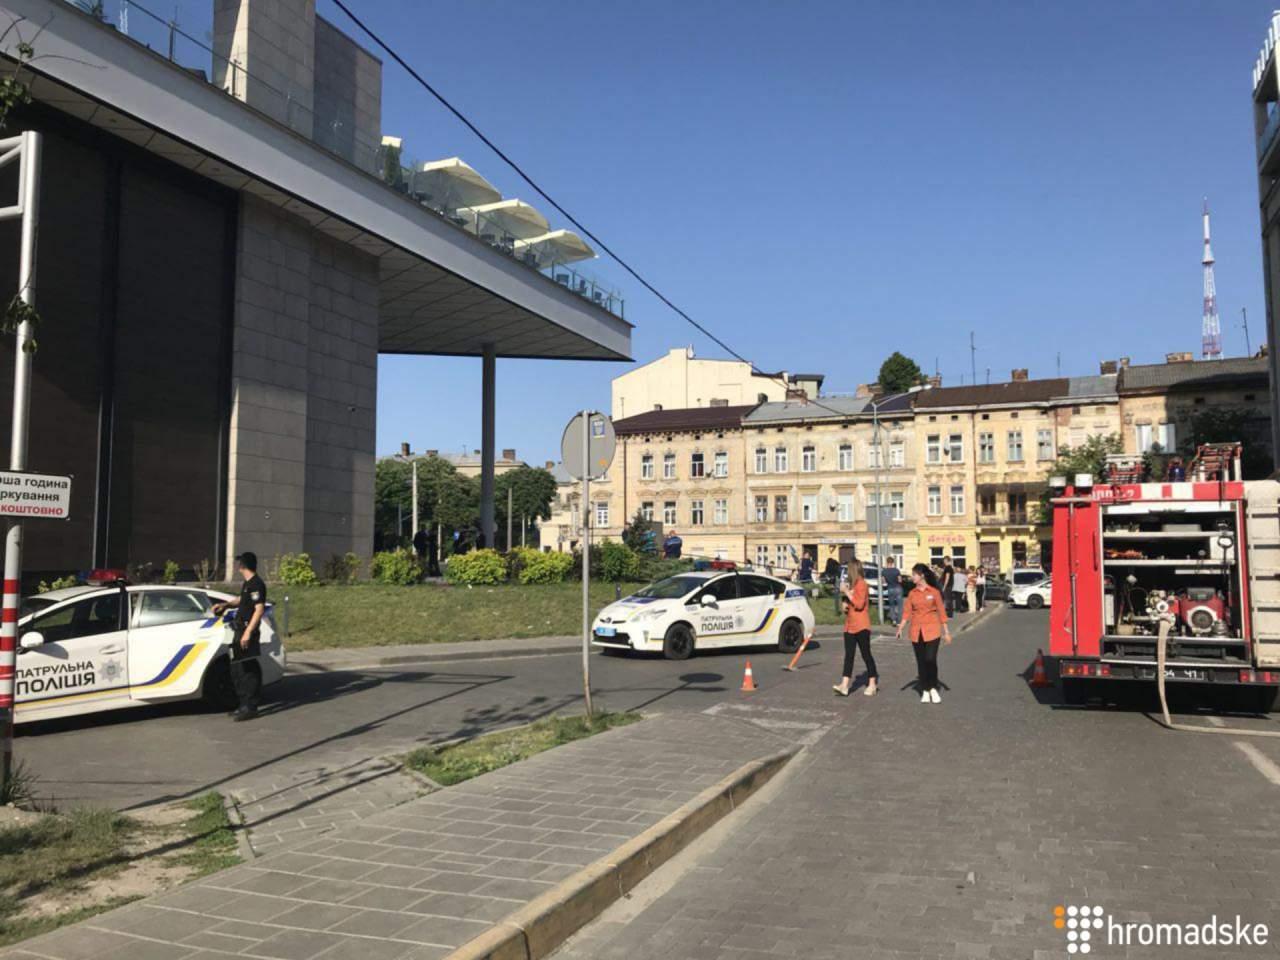 Во Львове неизвестный сообщил о заминировании ТРЦ